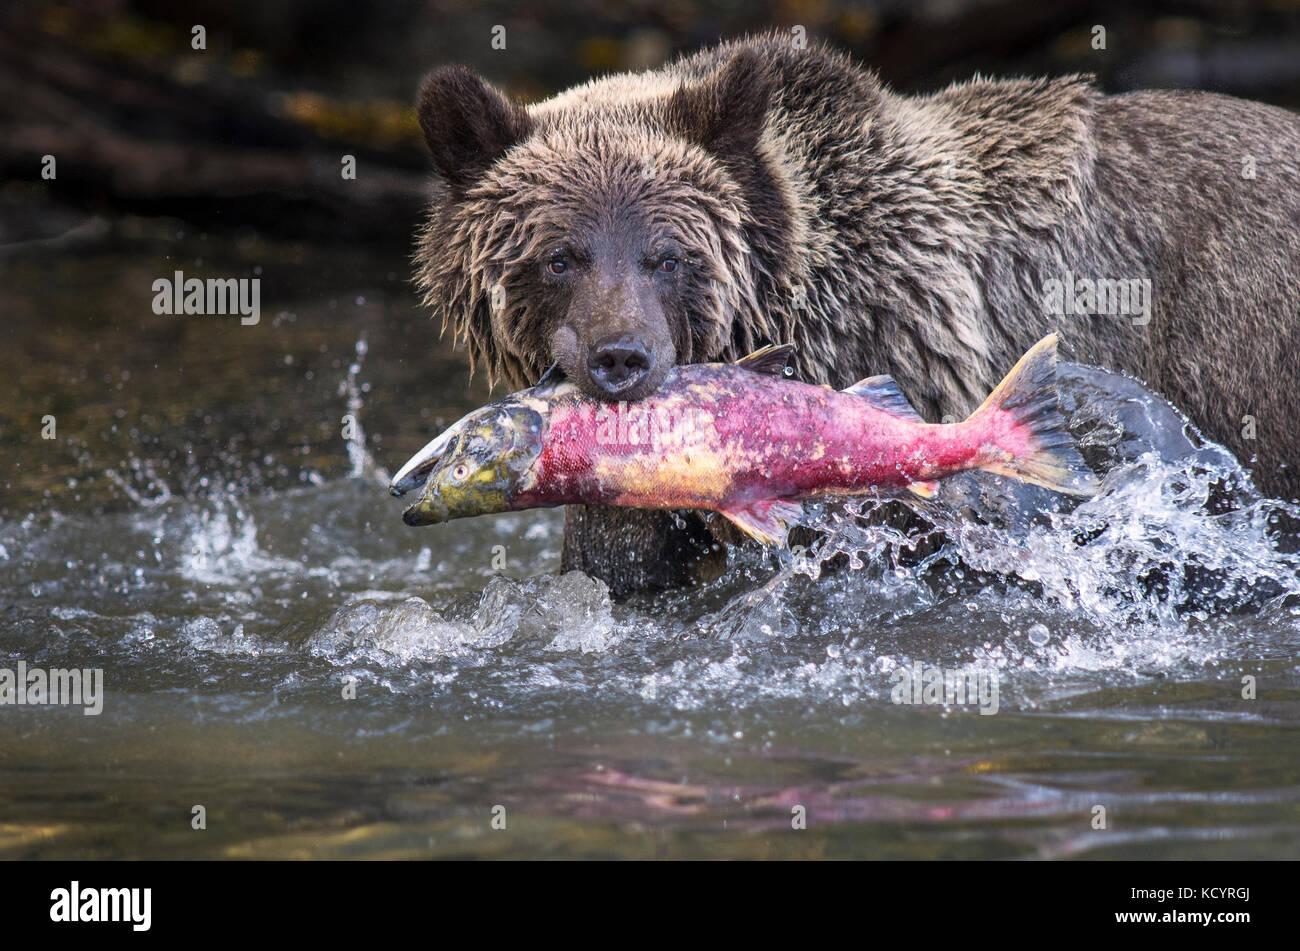 Oso grizzly (Ursus arctos horribilis), año secind cub en el agua del arroyo que alimenta el salmón sobre Imagen De Stock